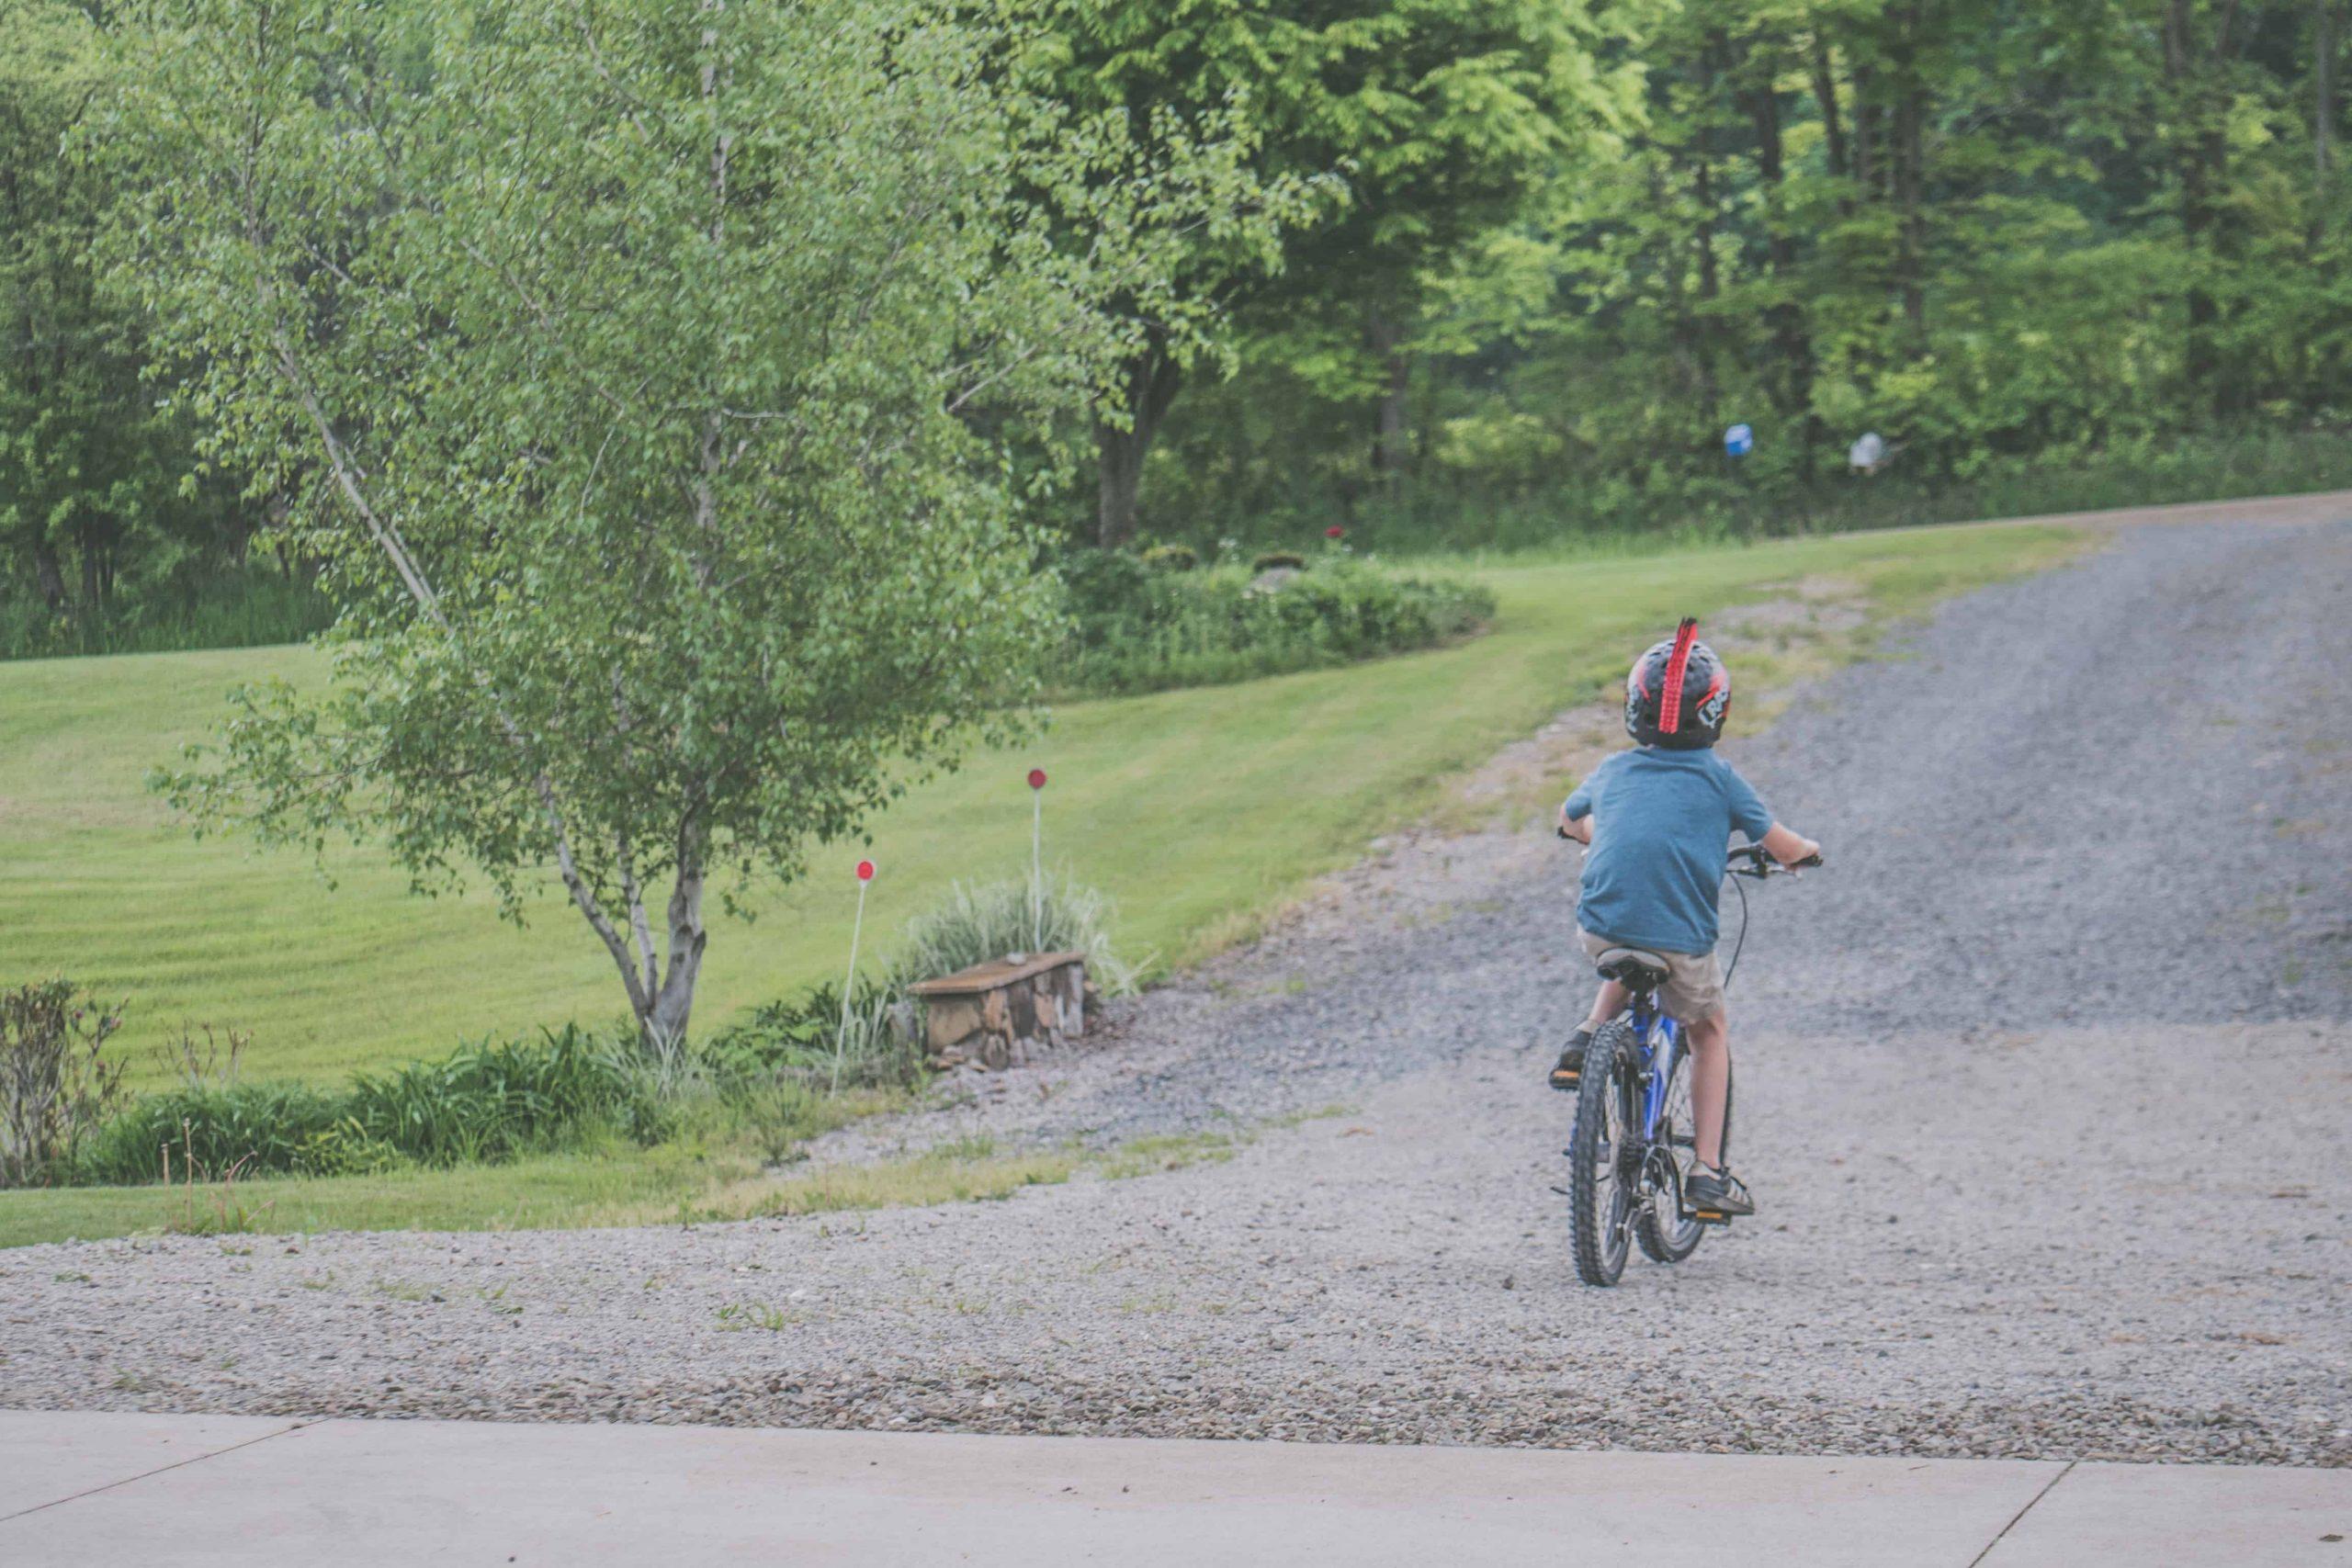 A imagem mostra as costas de menino de capacete pedalando numa estrada de cascalho. Ao fundo, uma cerca-viva.